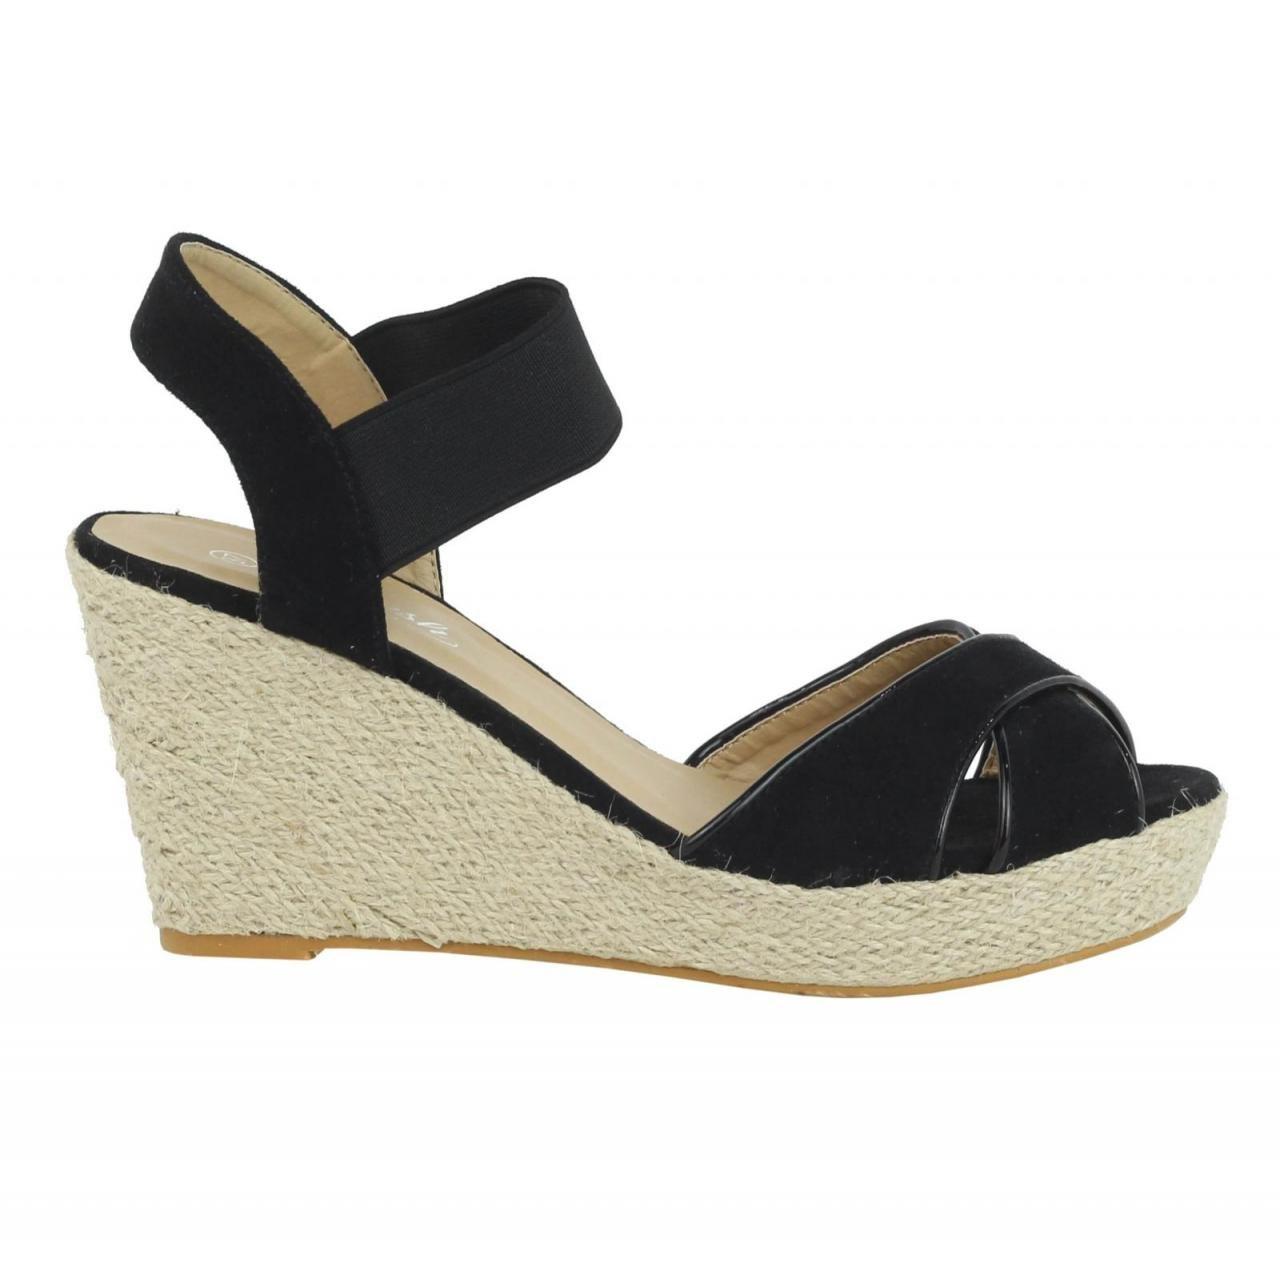 Refresh Schuhe Keilabsatz für Damen 61953 61953 61953 ANT schwarz ff1456